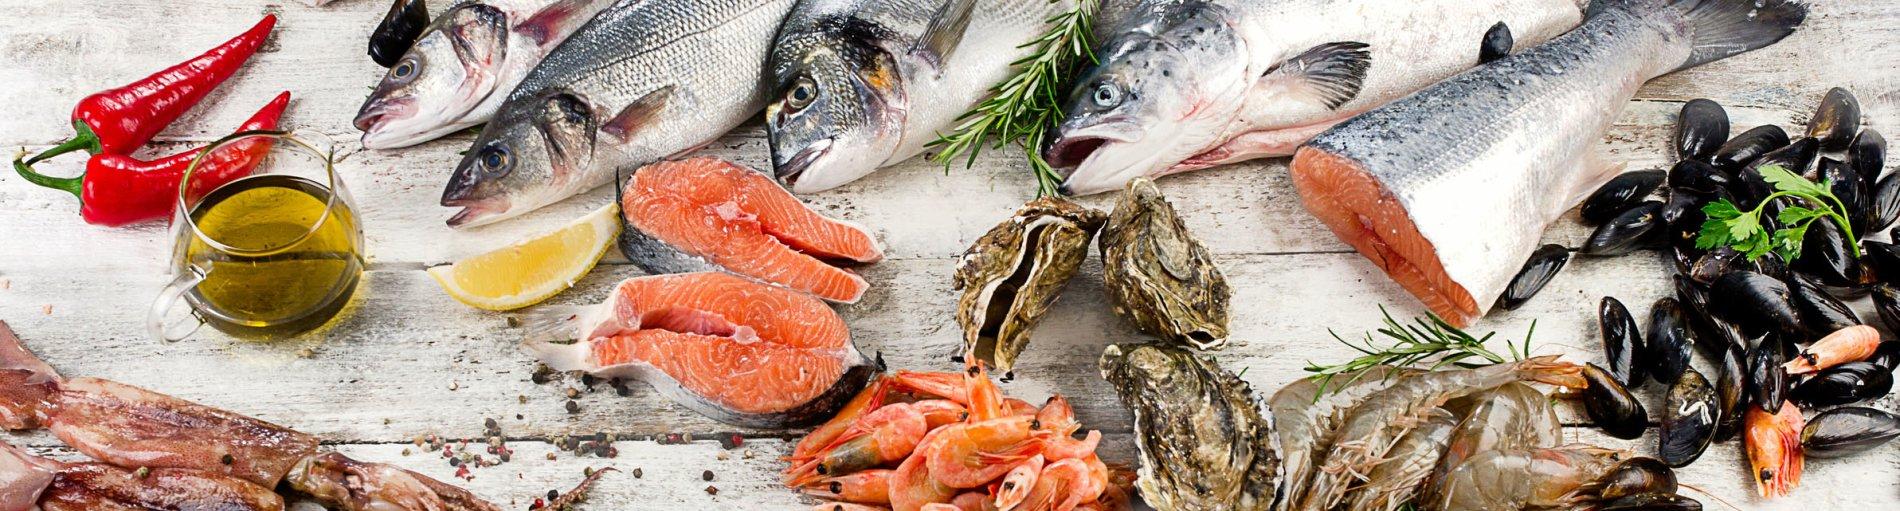 Verschiedene Fischsorten, Muscheln, Garnelen, Tintenfische und Lachs liegen auf einem Tisch.